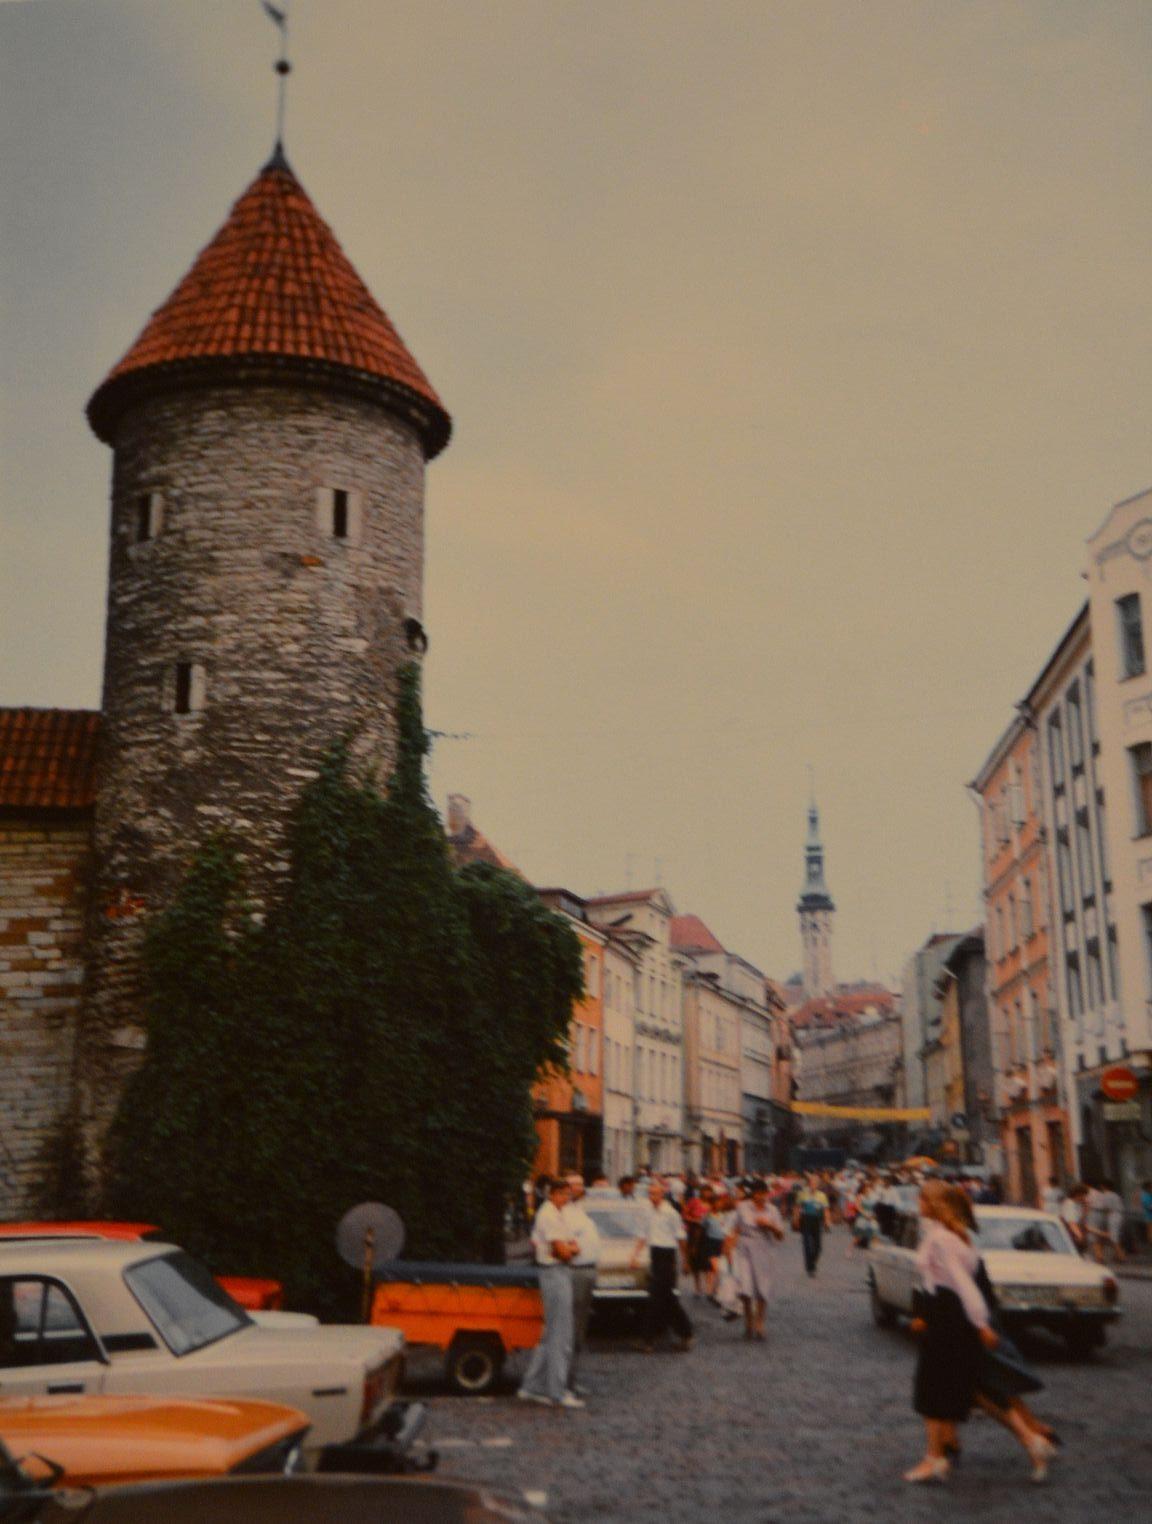 Vanhan kaupungin edustalle sai vielä kukkakauppojen eteen parkkeerata Ladat vuonna 1988.